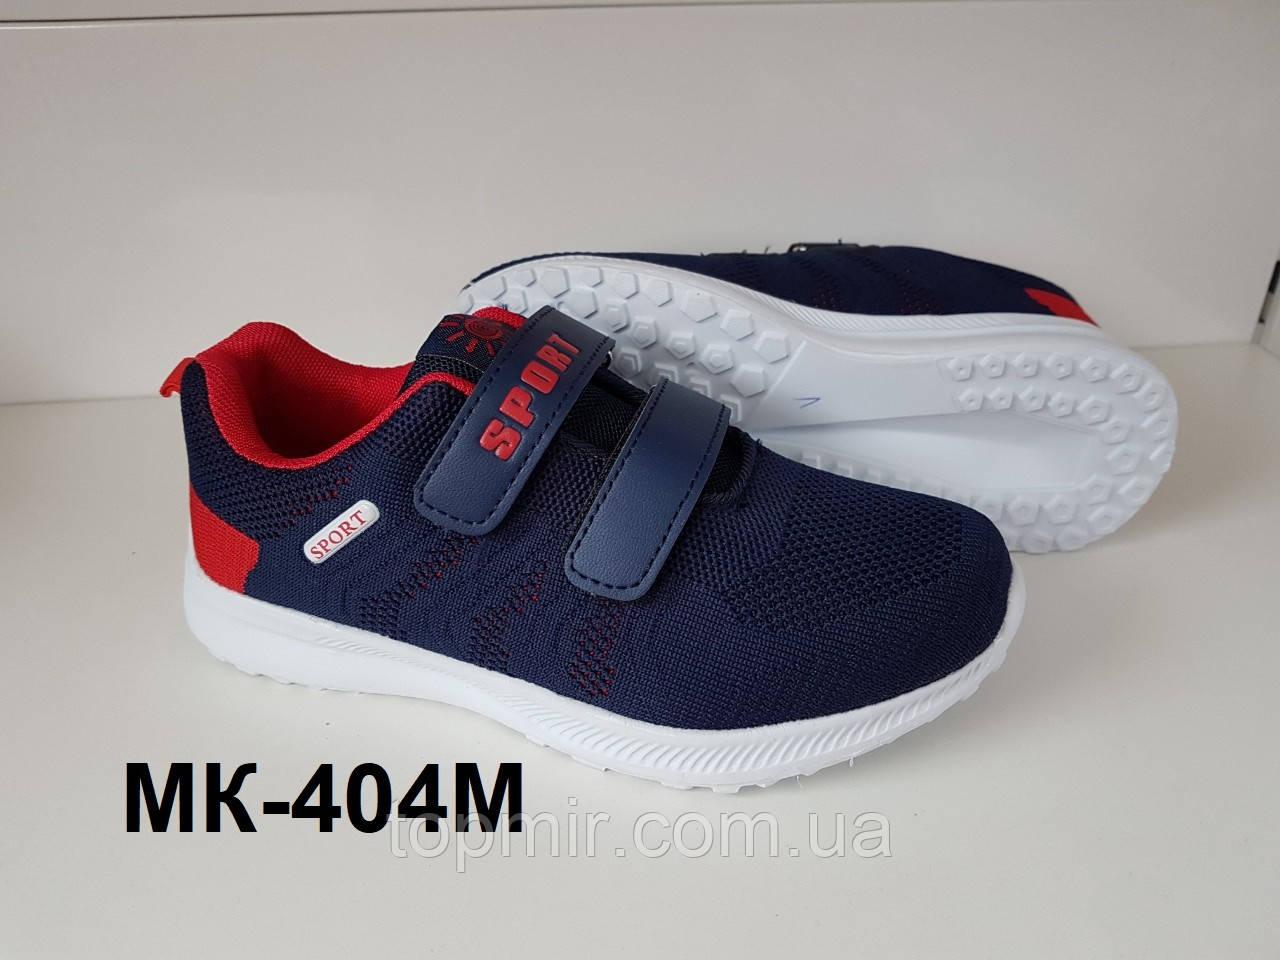 b44ff1e95 Детские качественные кроссовки для мальчика на осень: продажа, цена ...